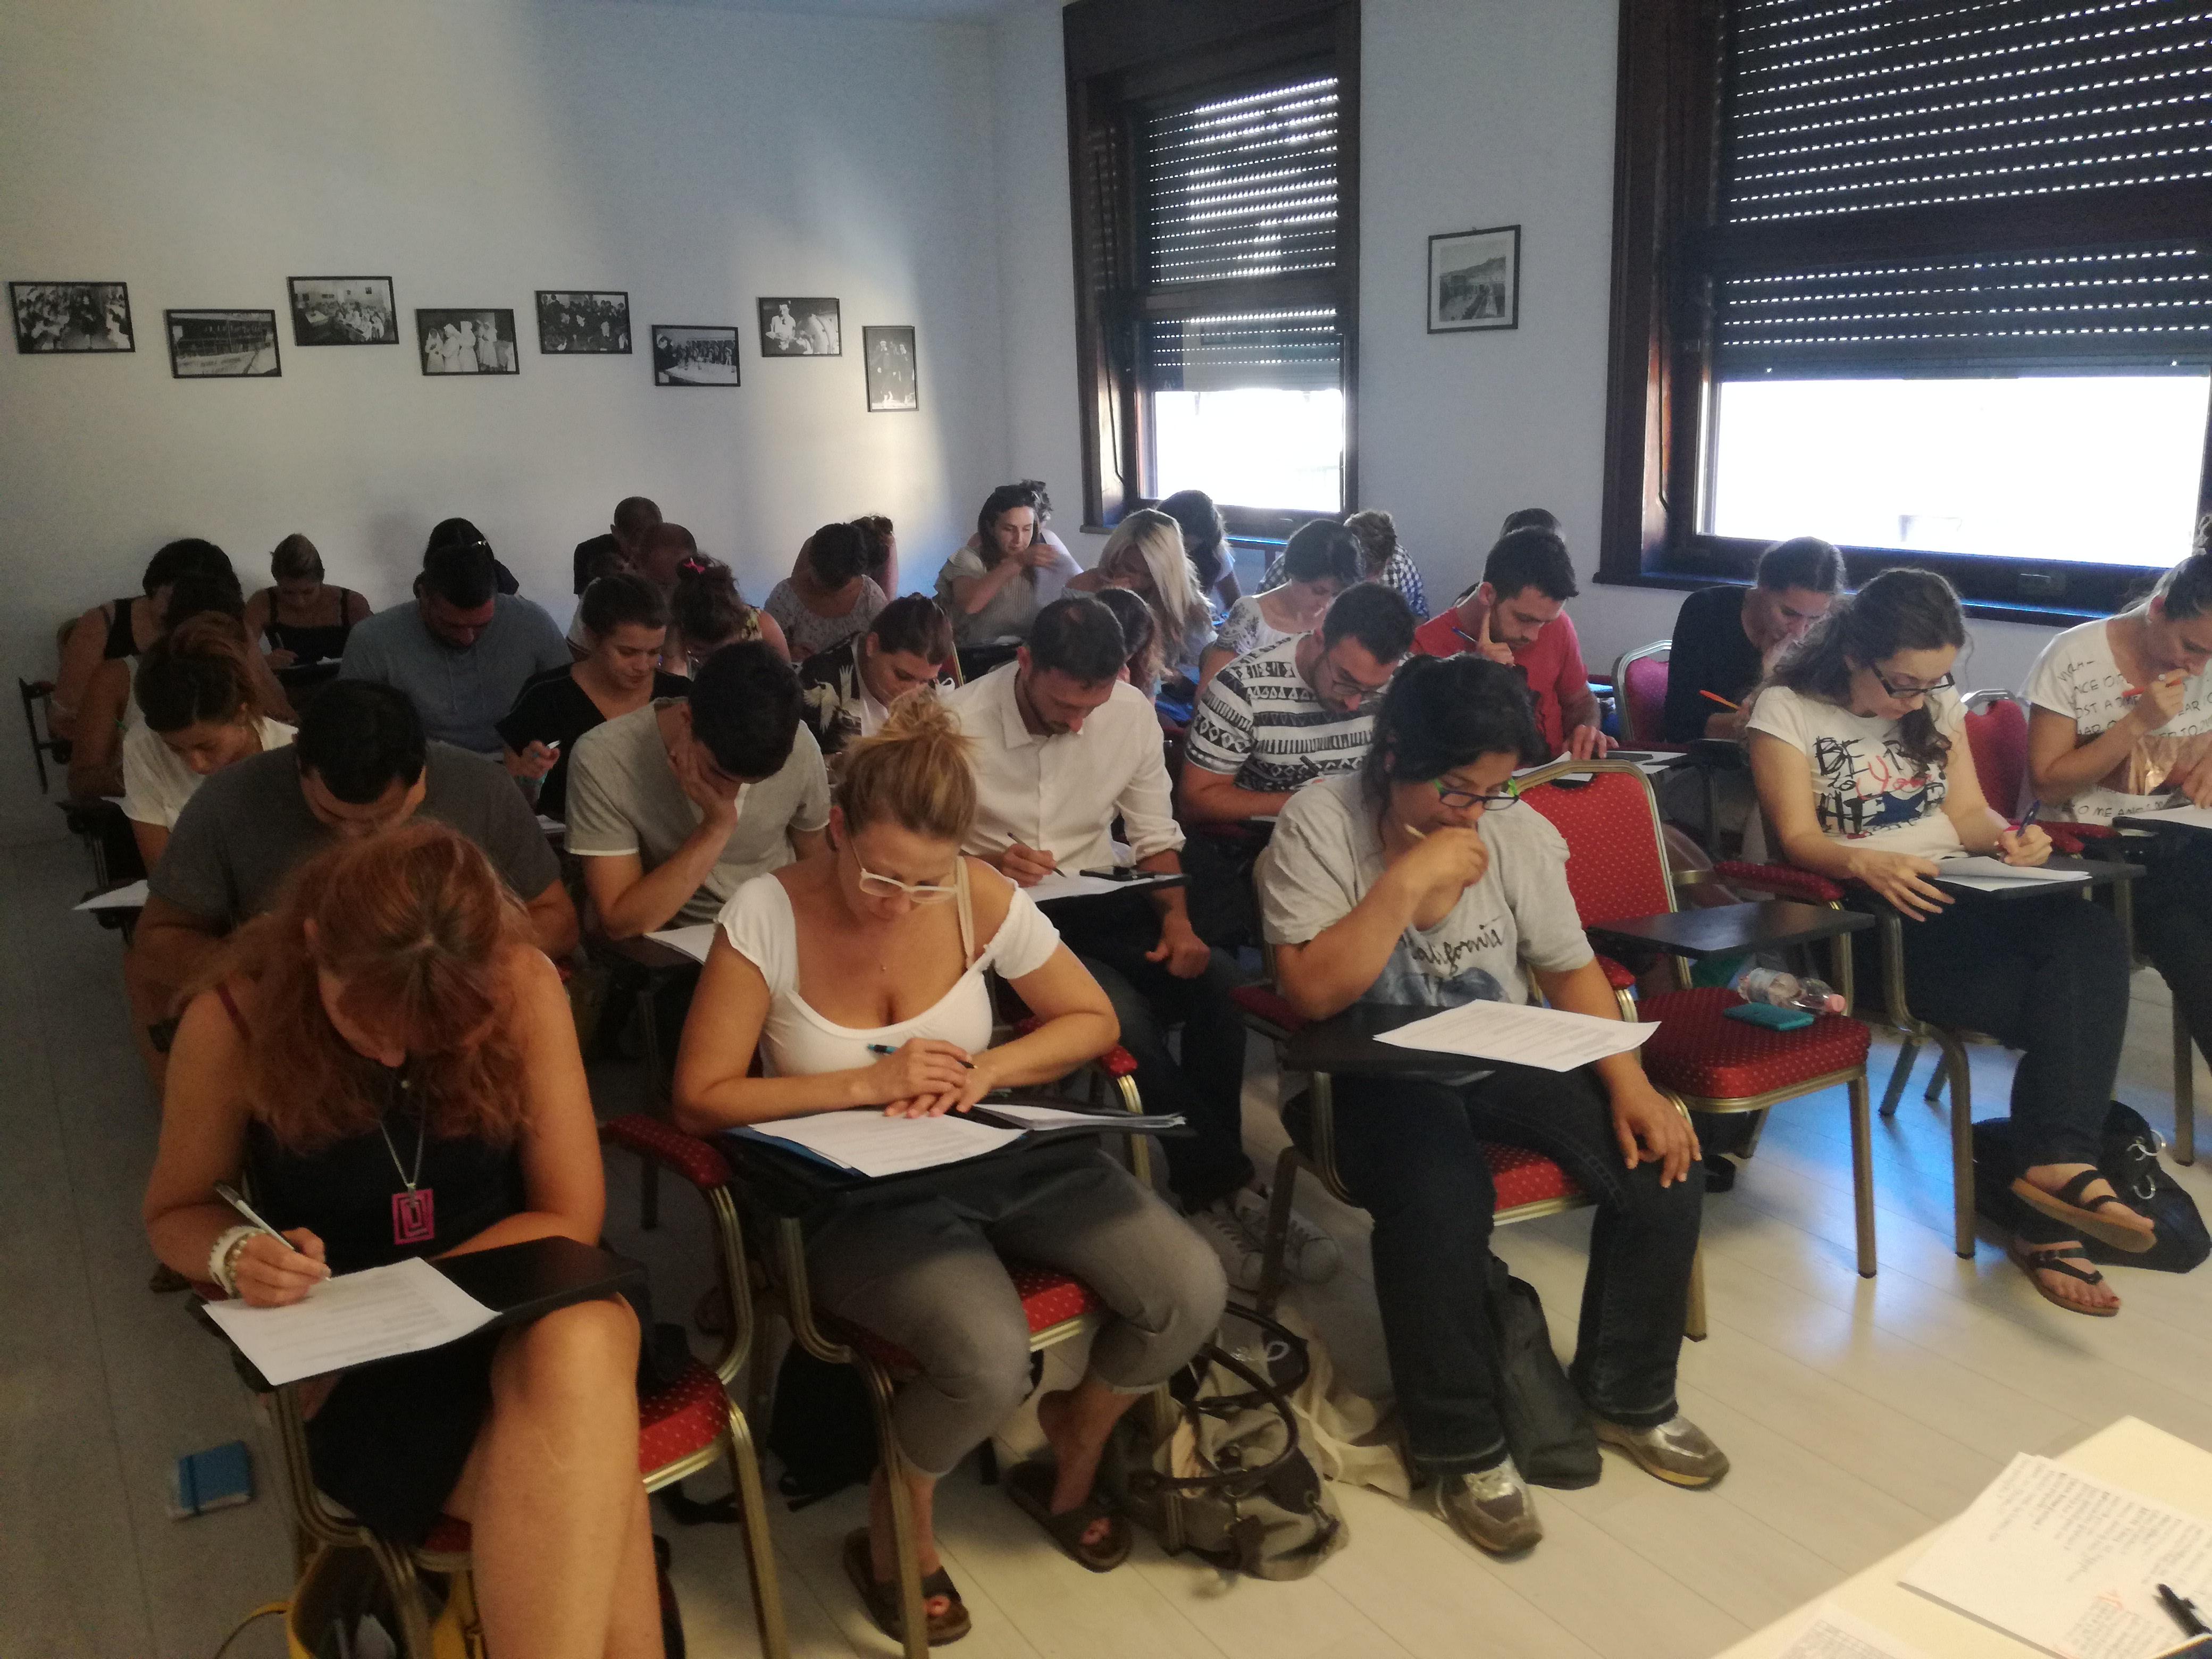 Concorso Tecnico Riabilitazione Psichiatrica Sassari: iscrizioni aperte!